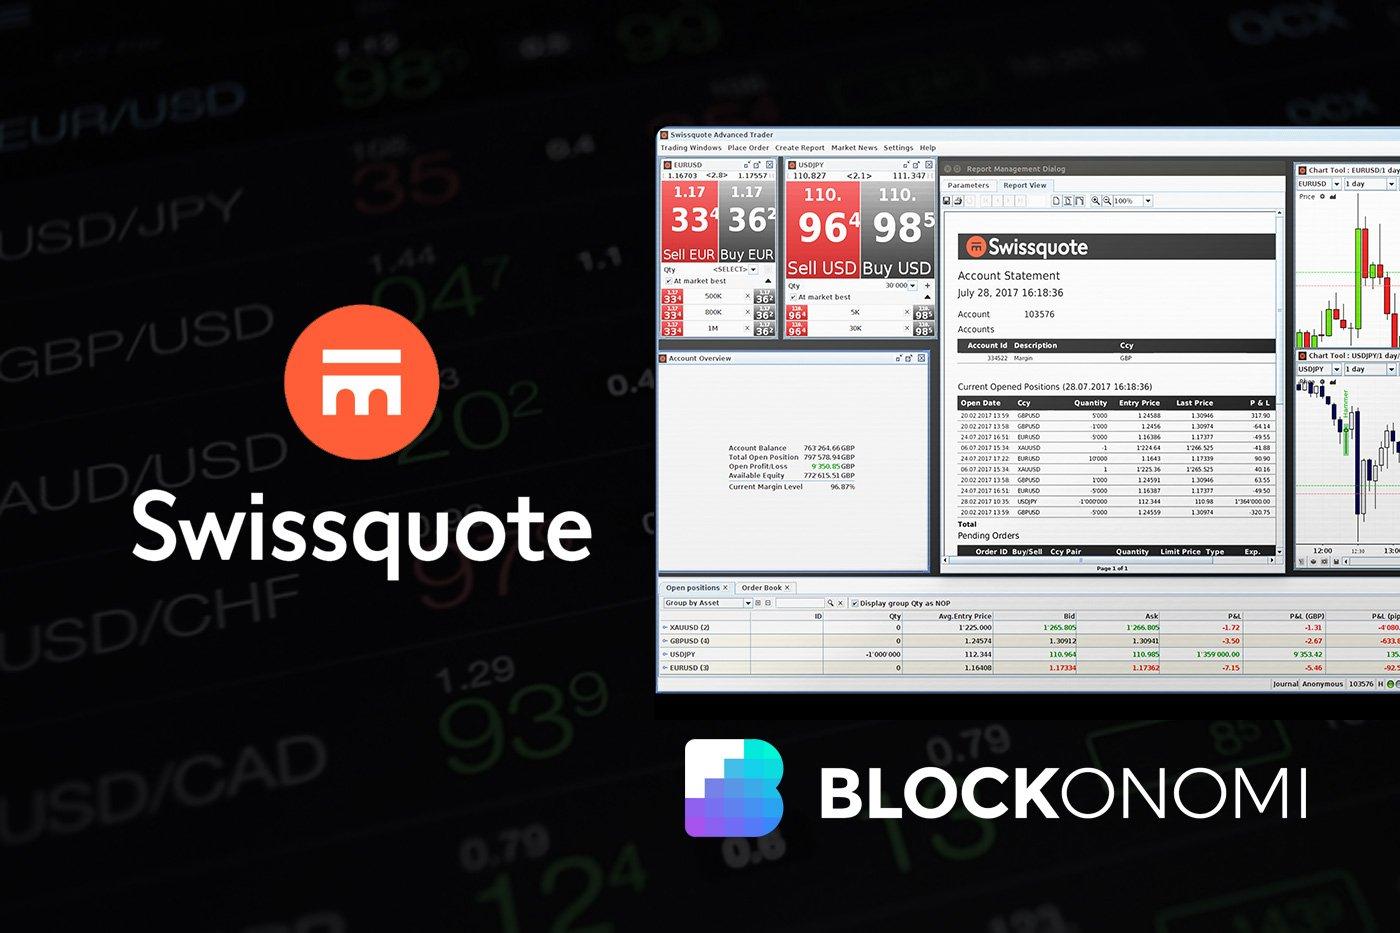 zu diesem zeitpunkt in bitcoins investieren swissquote forex handelszeiten